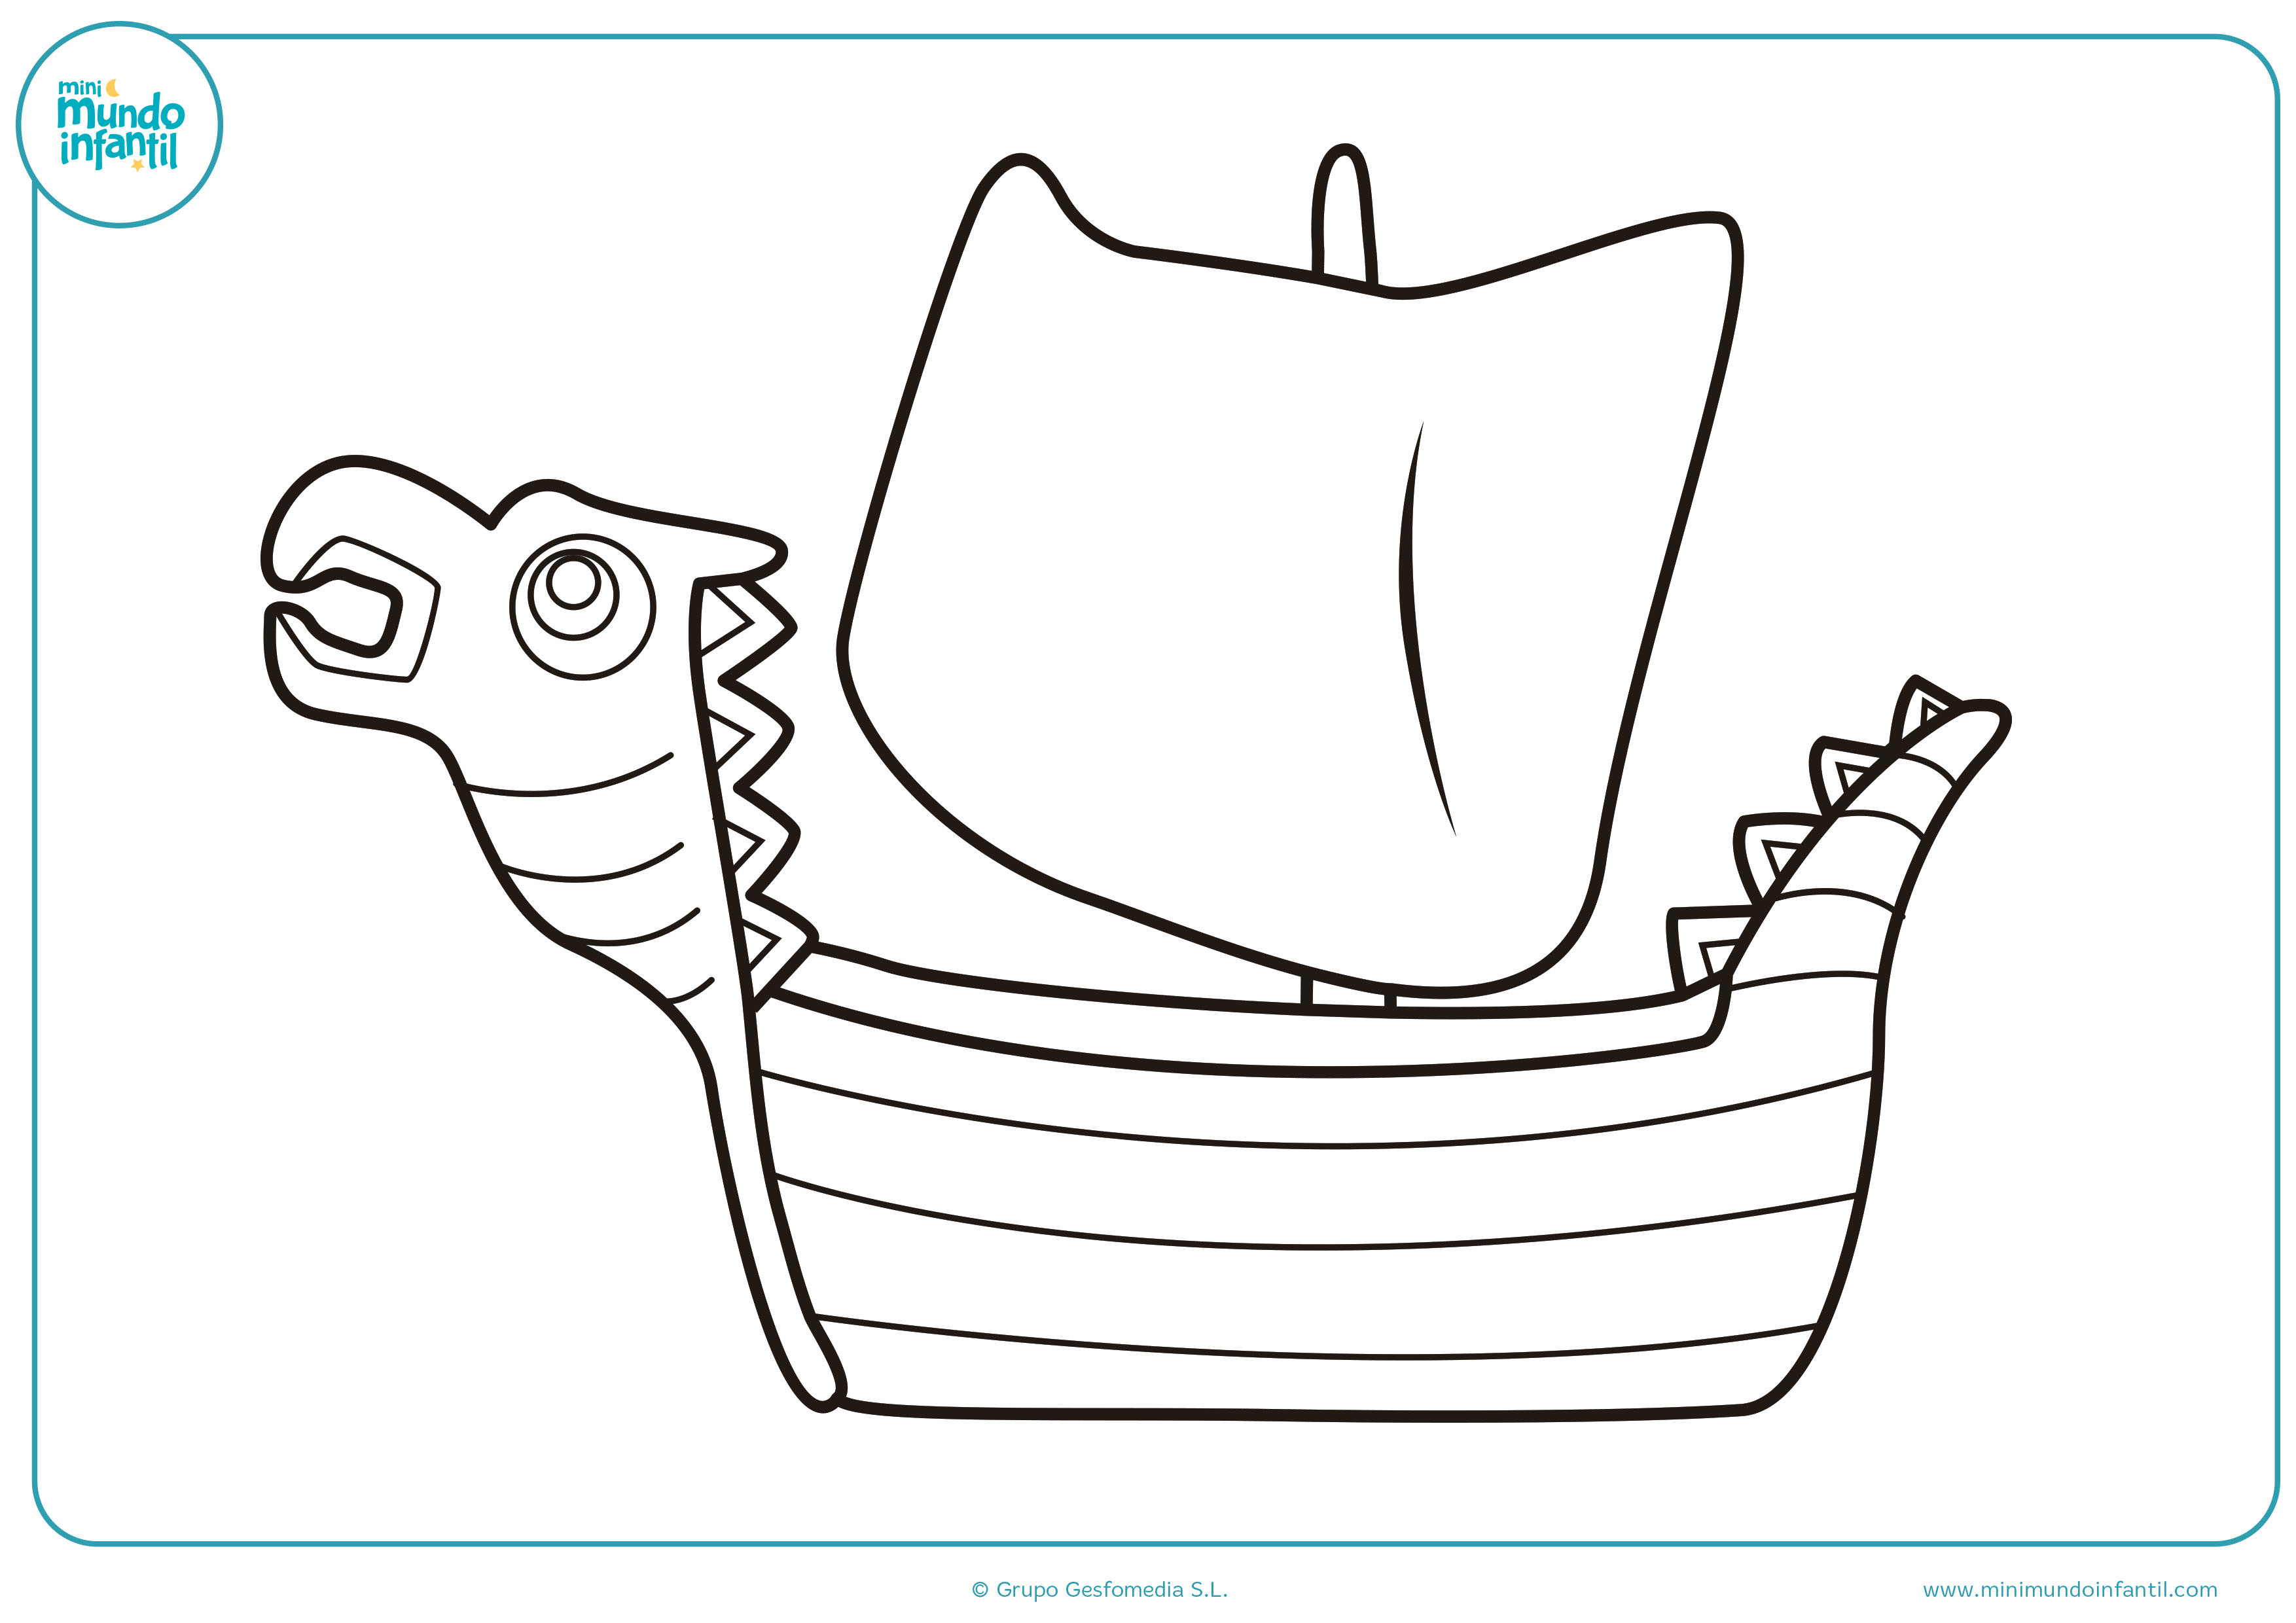 Dibujos barcos colorear